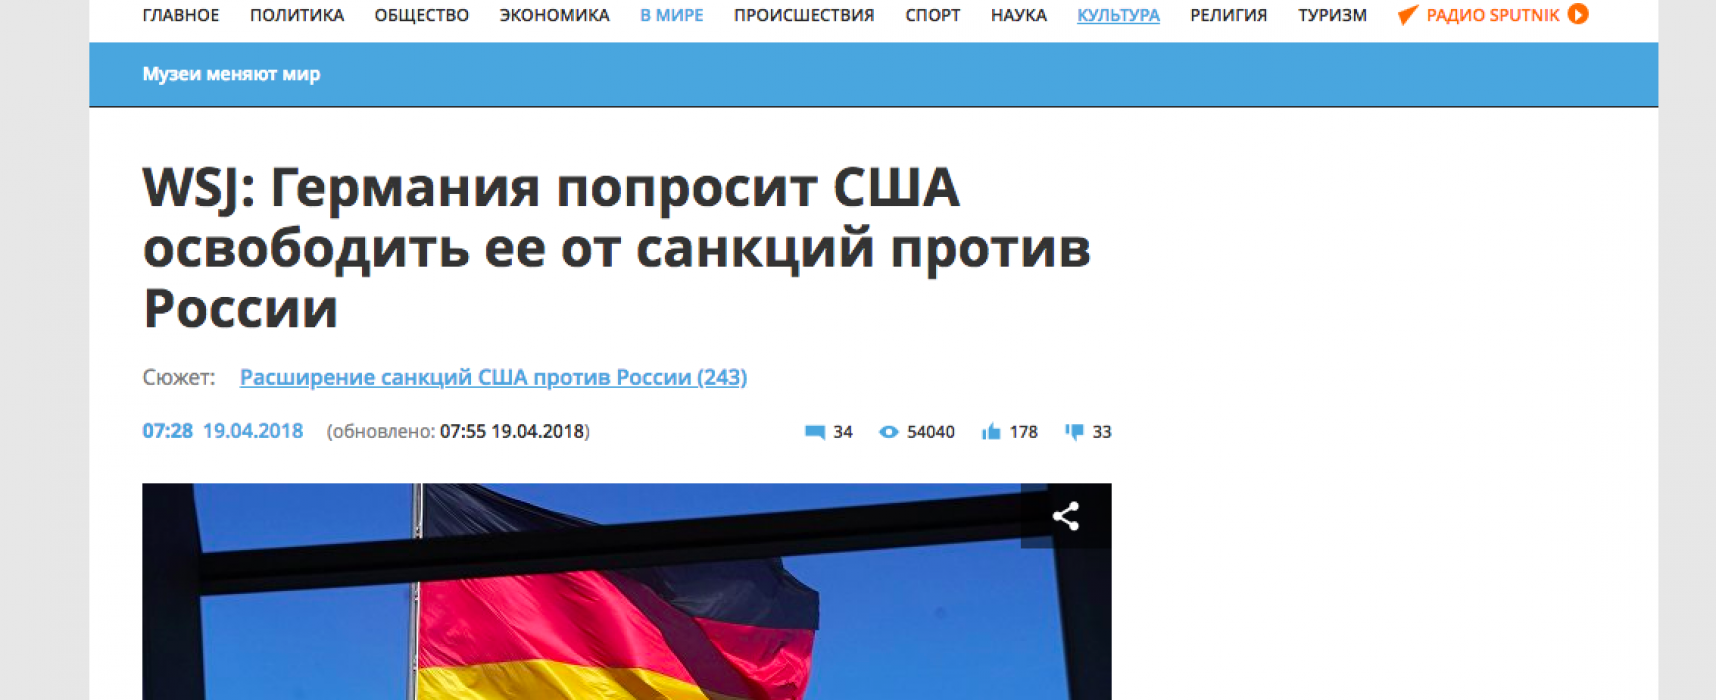 Манипуляция: Германия просит США освободить ее от антироссийских санкций